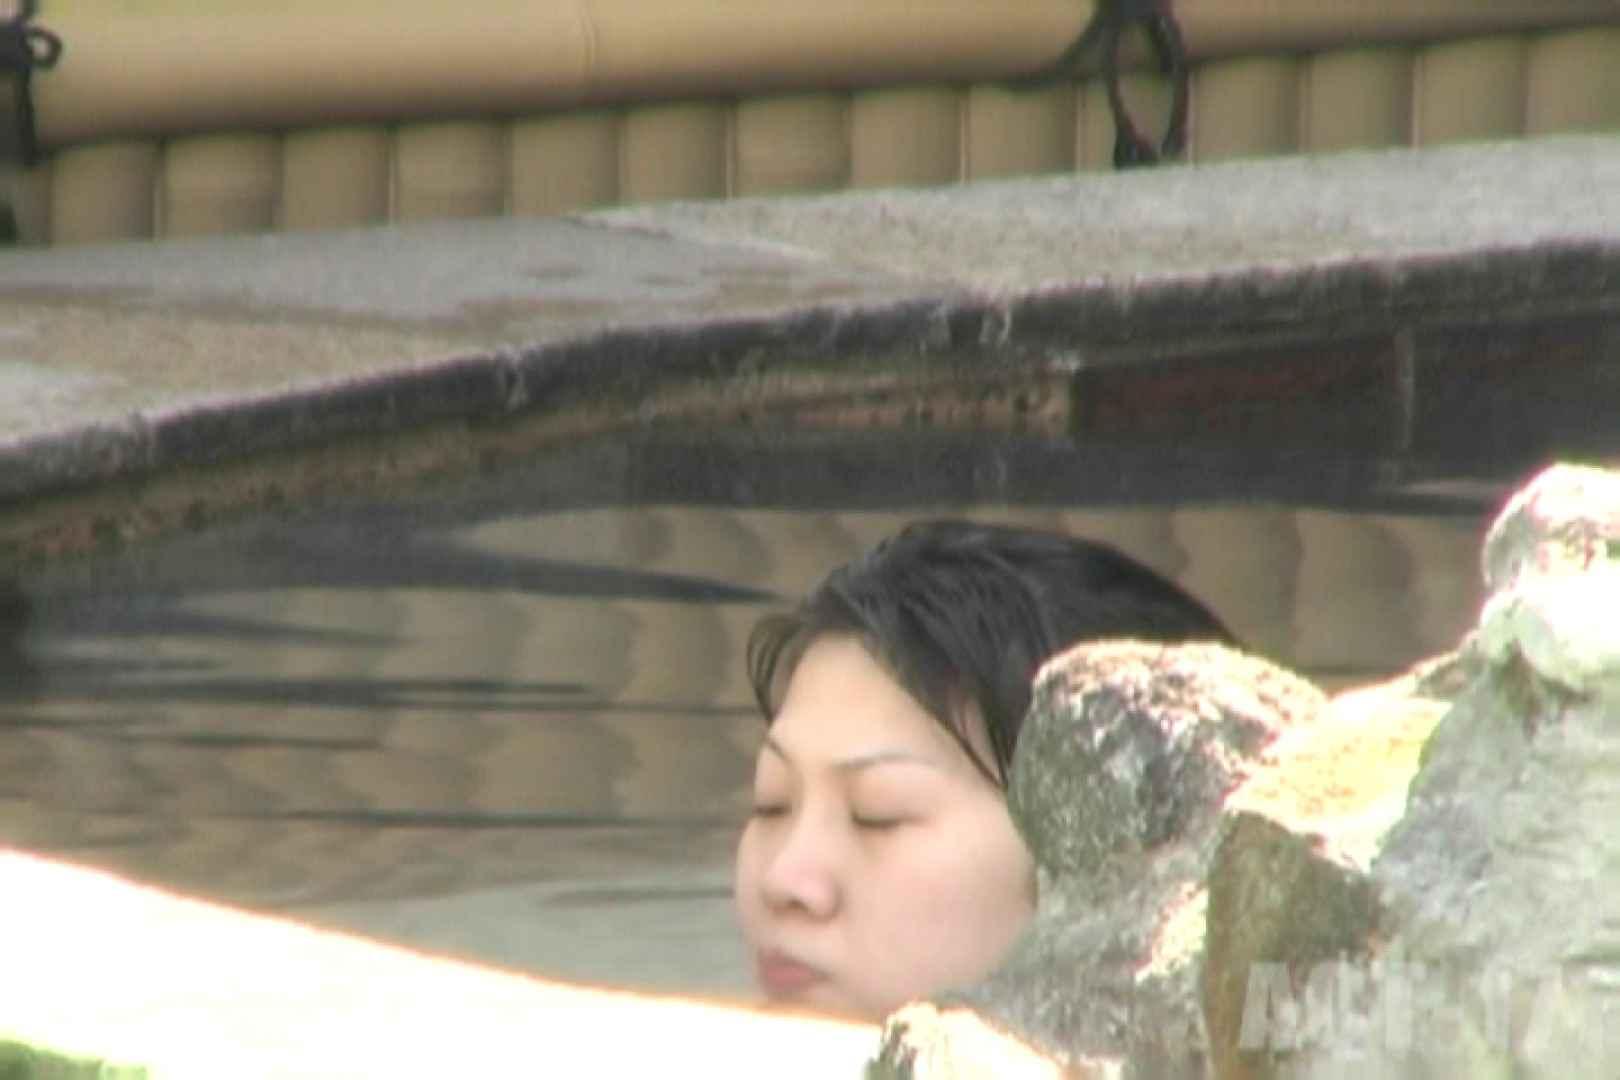 Aquaな露天風呂Vol.850 盗撮 | OLすけべ画像  38連発 16